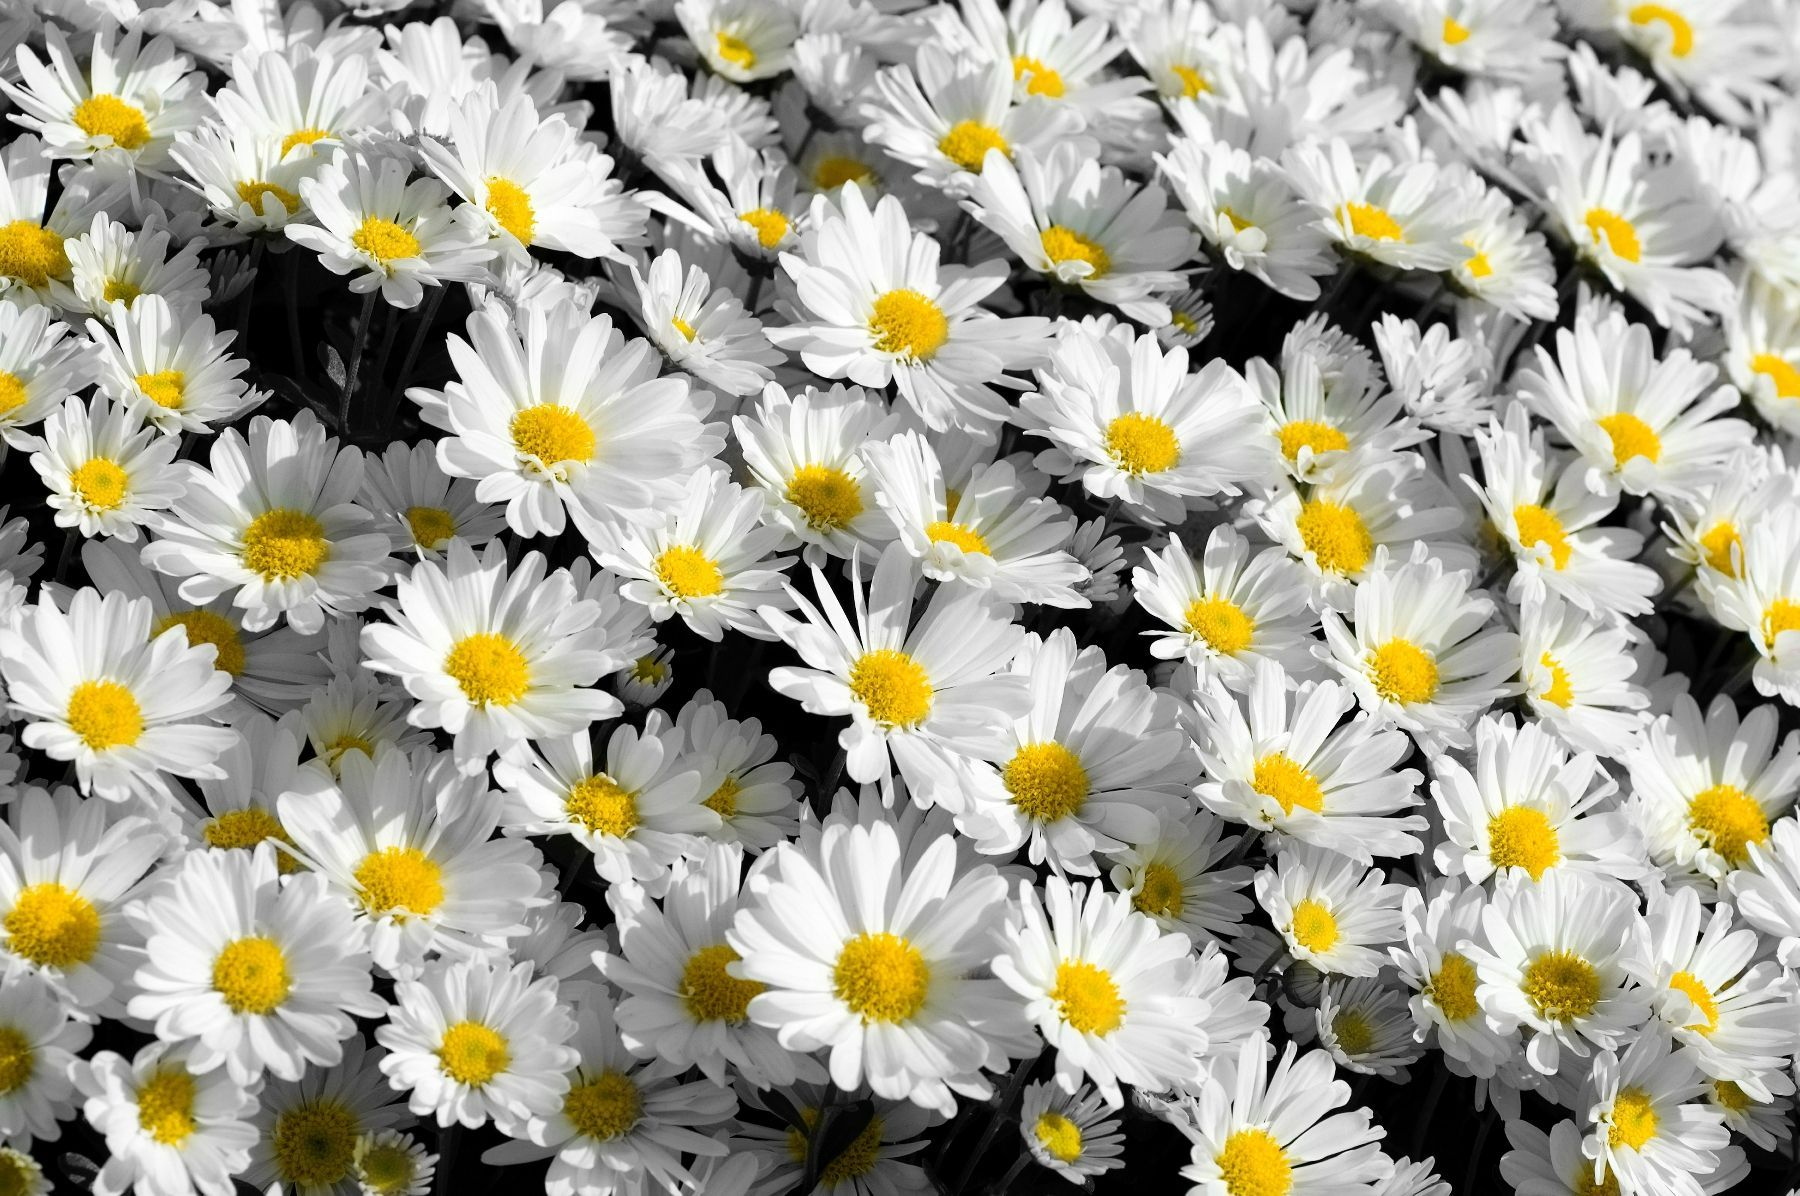 Tumblr Flowers Desktop Wallpapers Top Free Tumblr Flowers